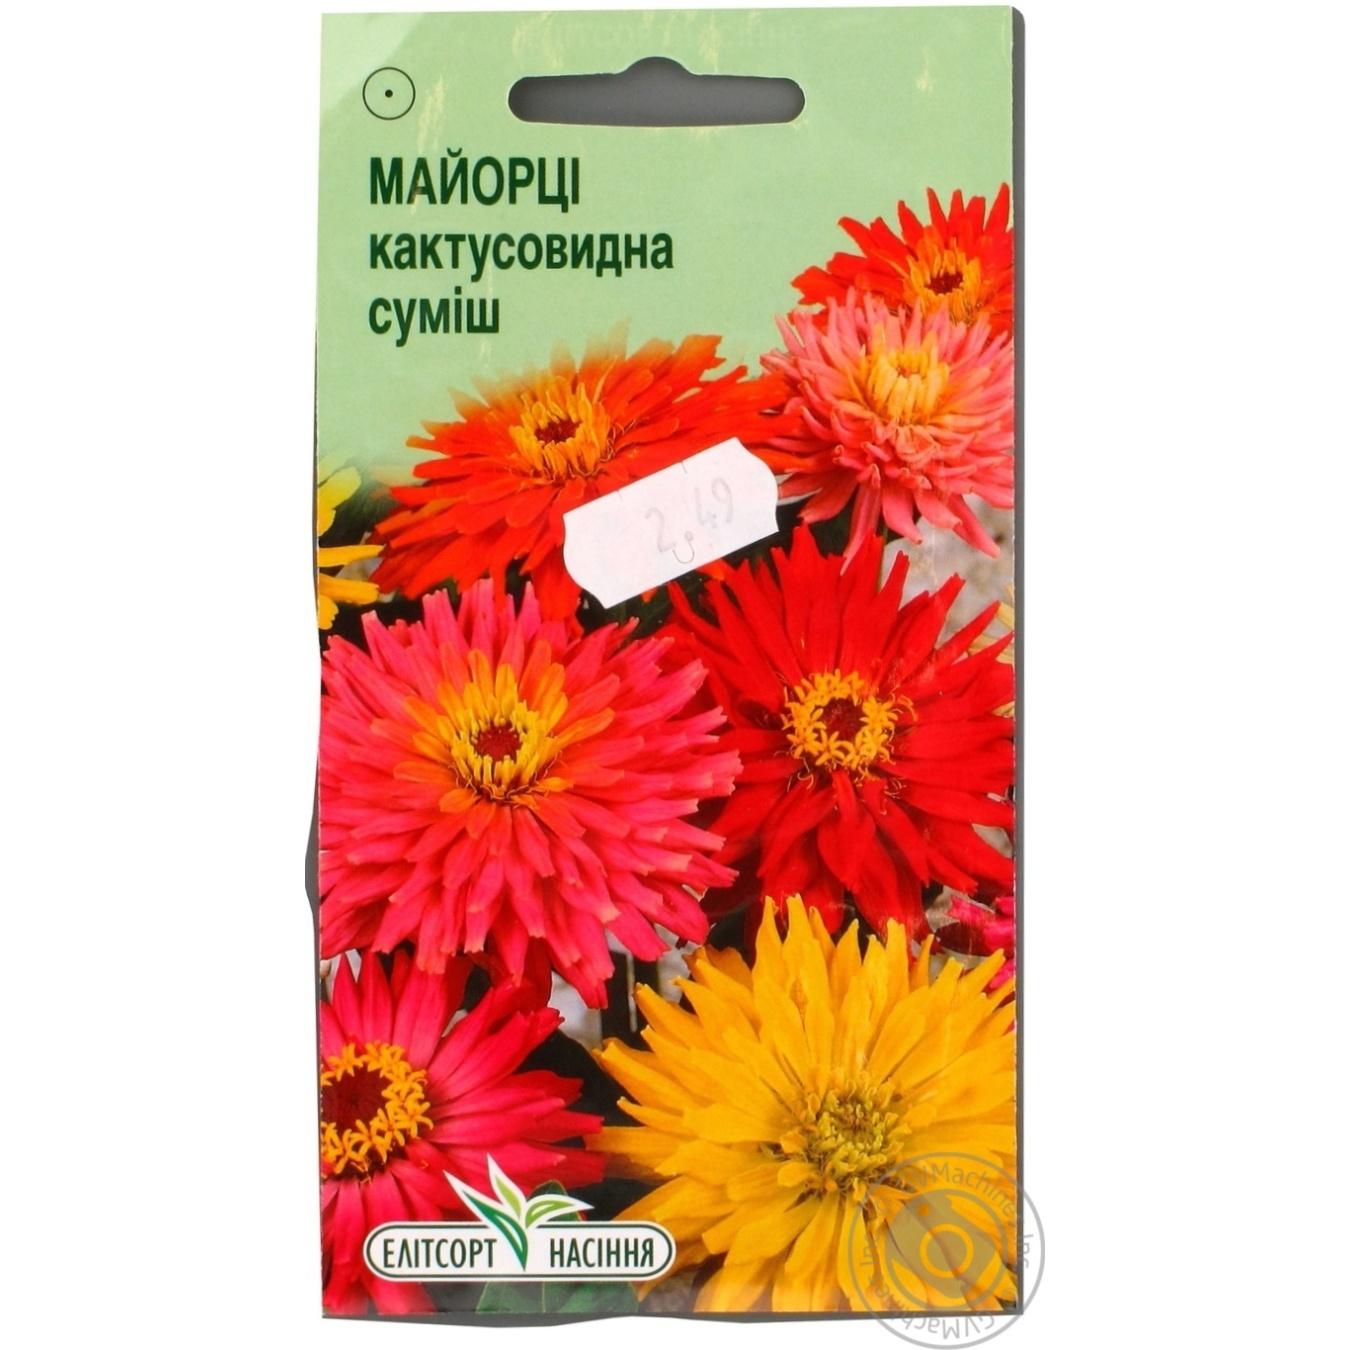 Насіння Елітсортнасіння Квіти Майорці Кактусовидна суміш 0 5d12094da7bfd